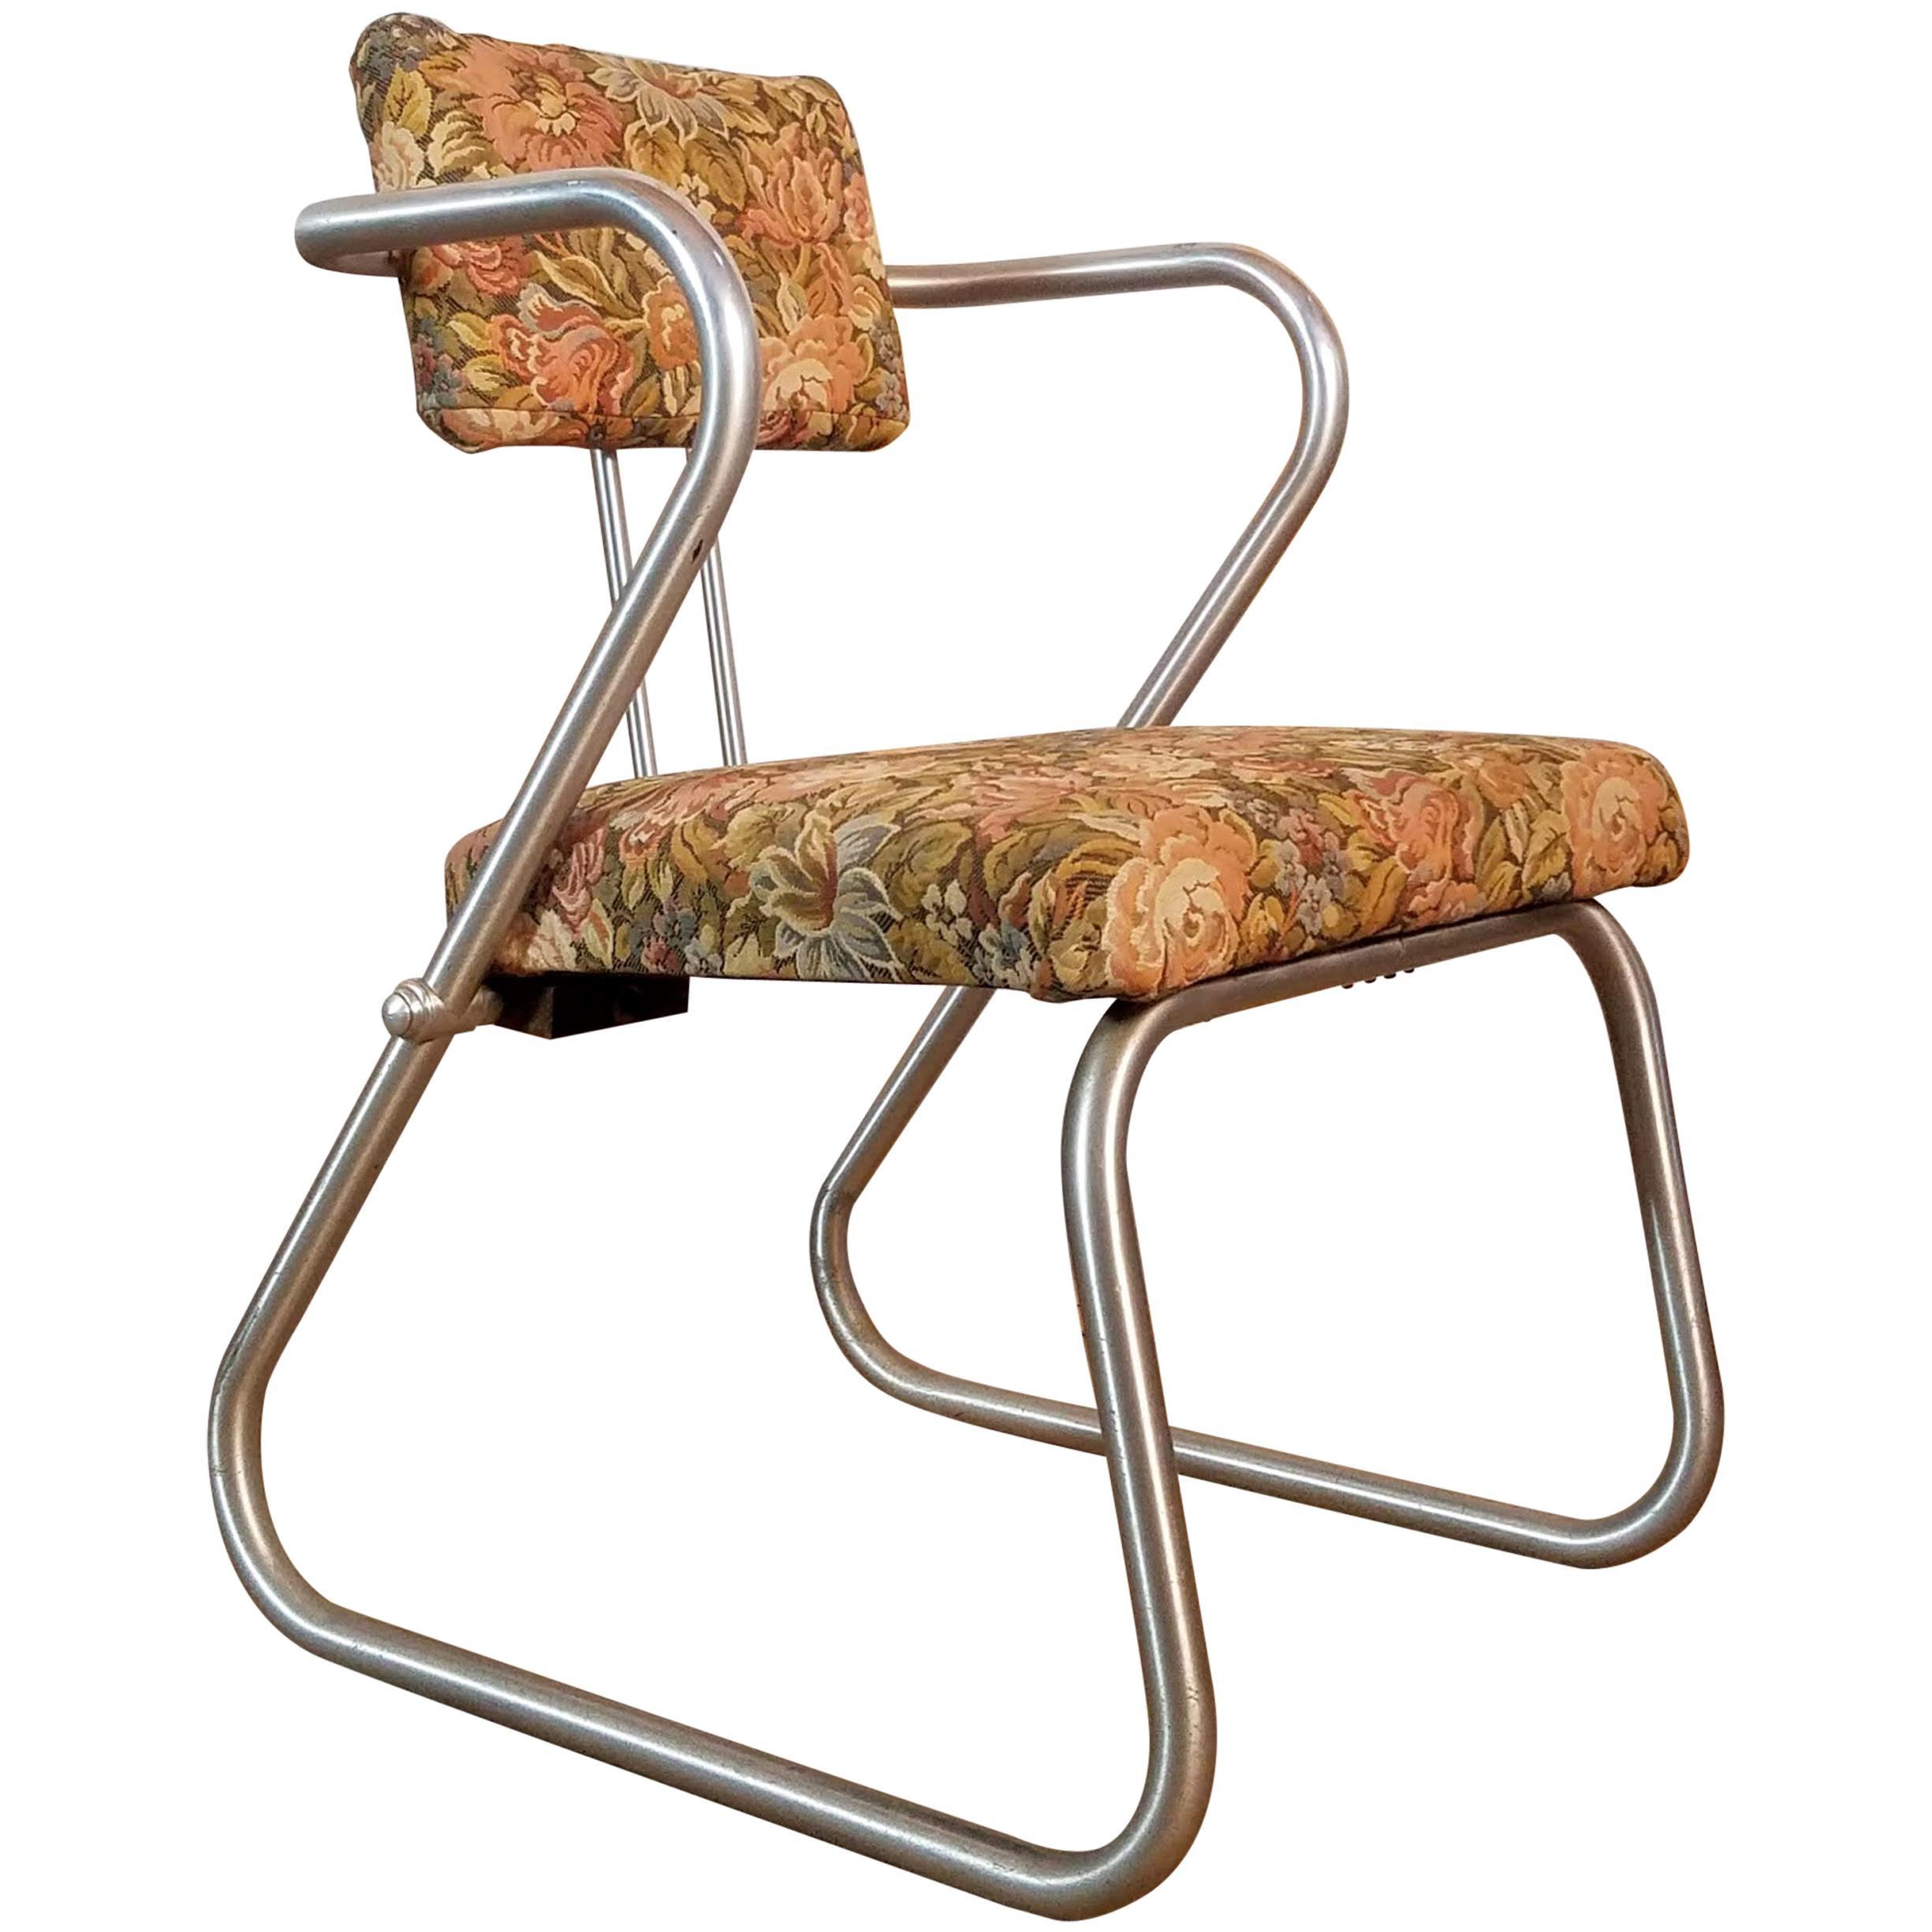 Warren McArthur Z Chair Model 708, circa 1938